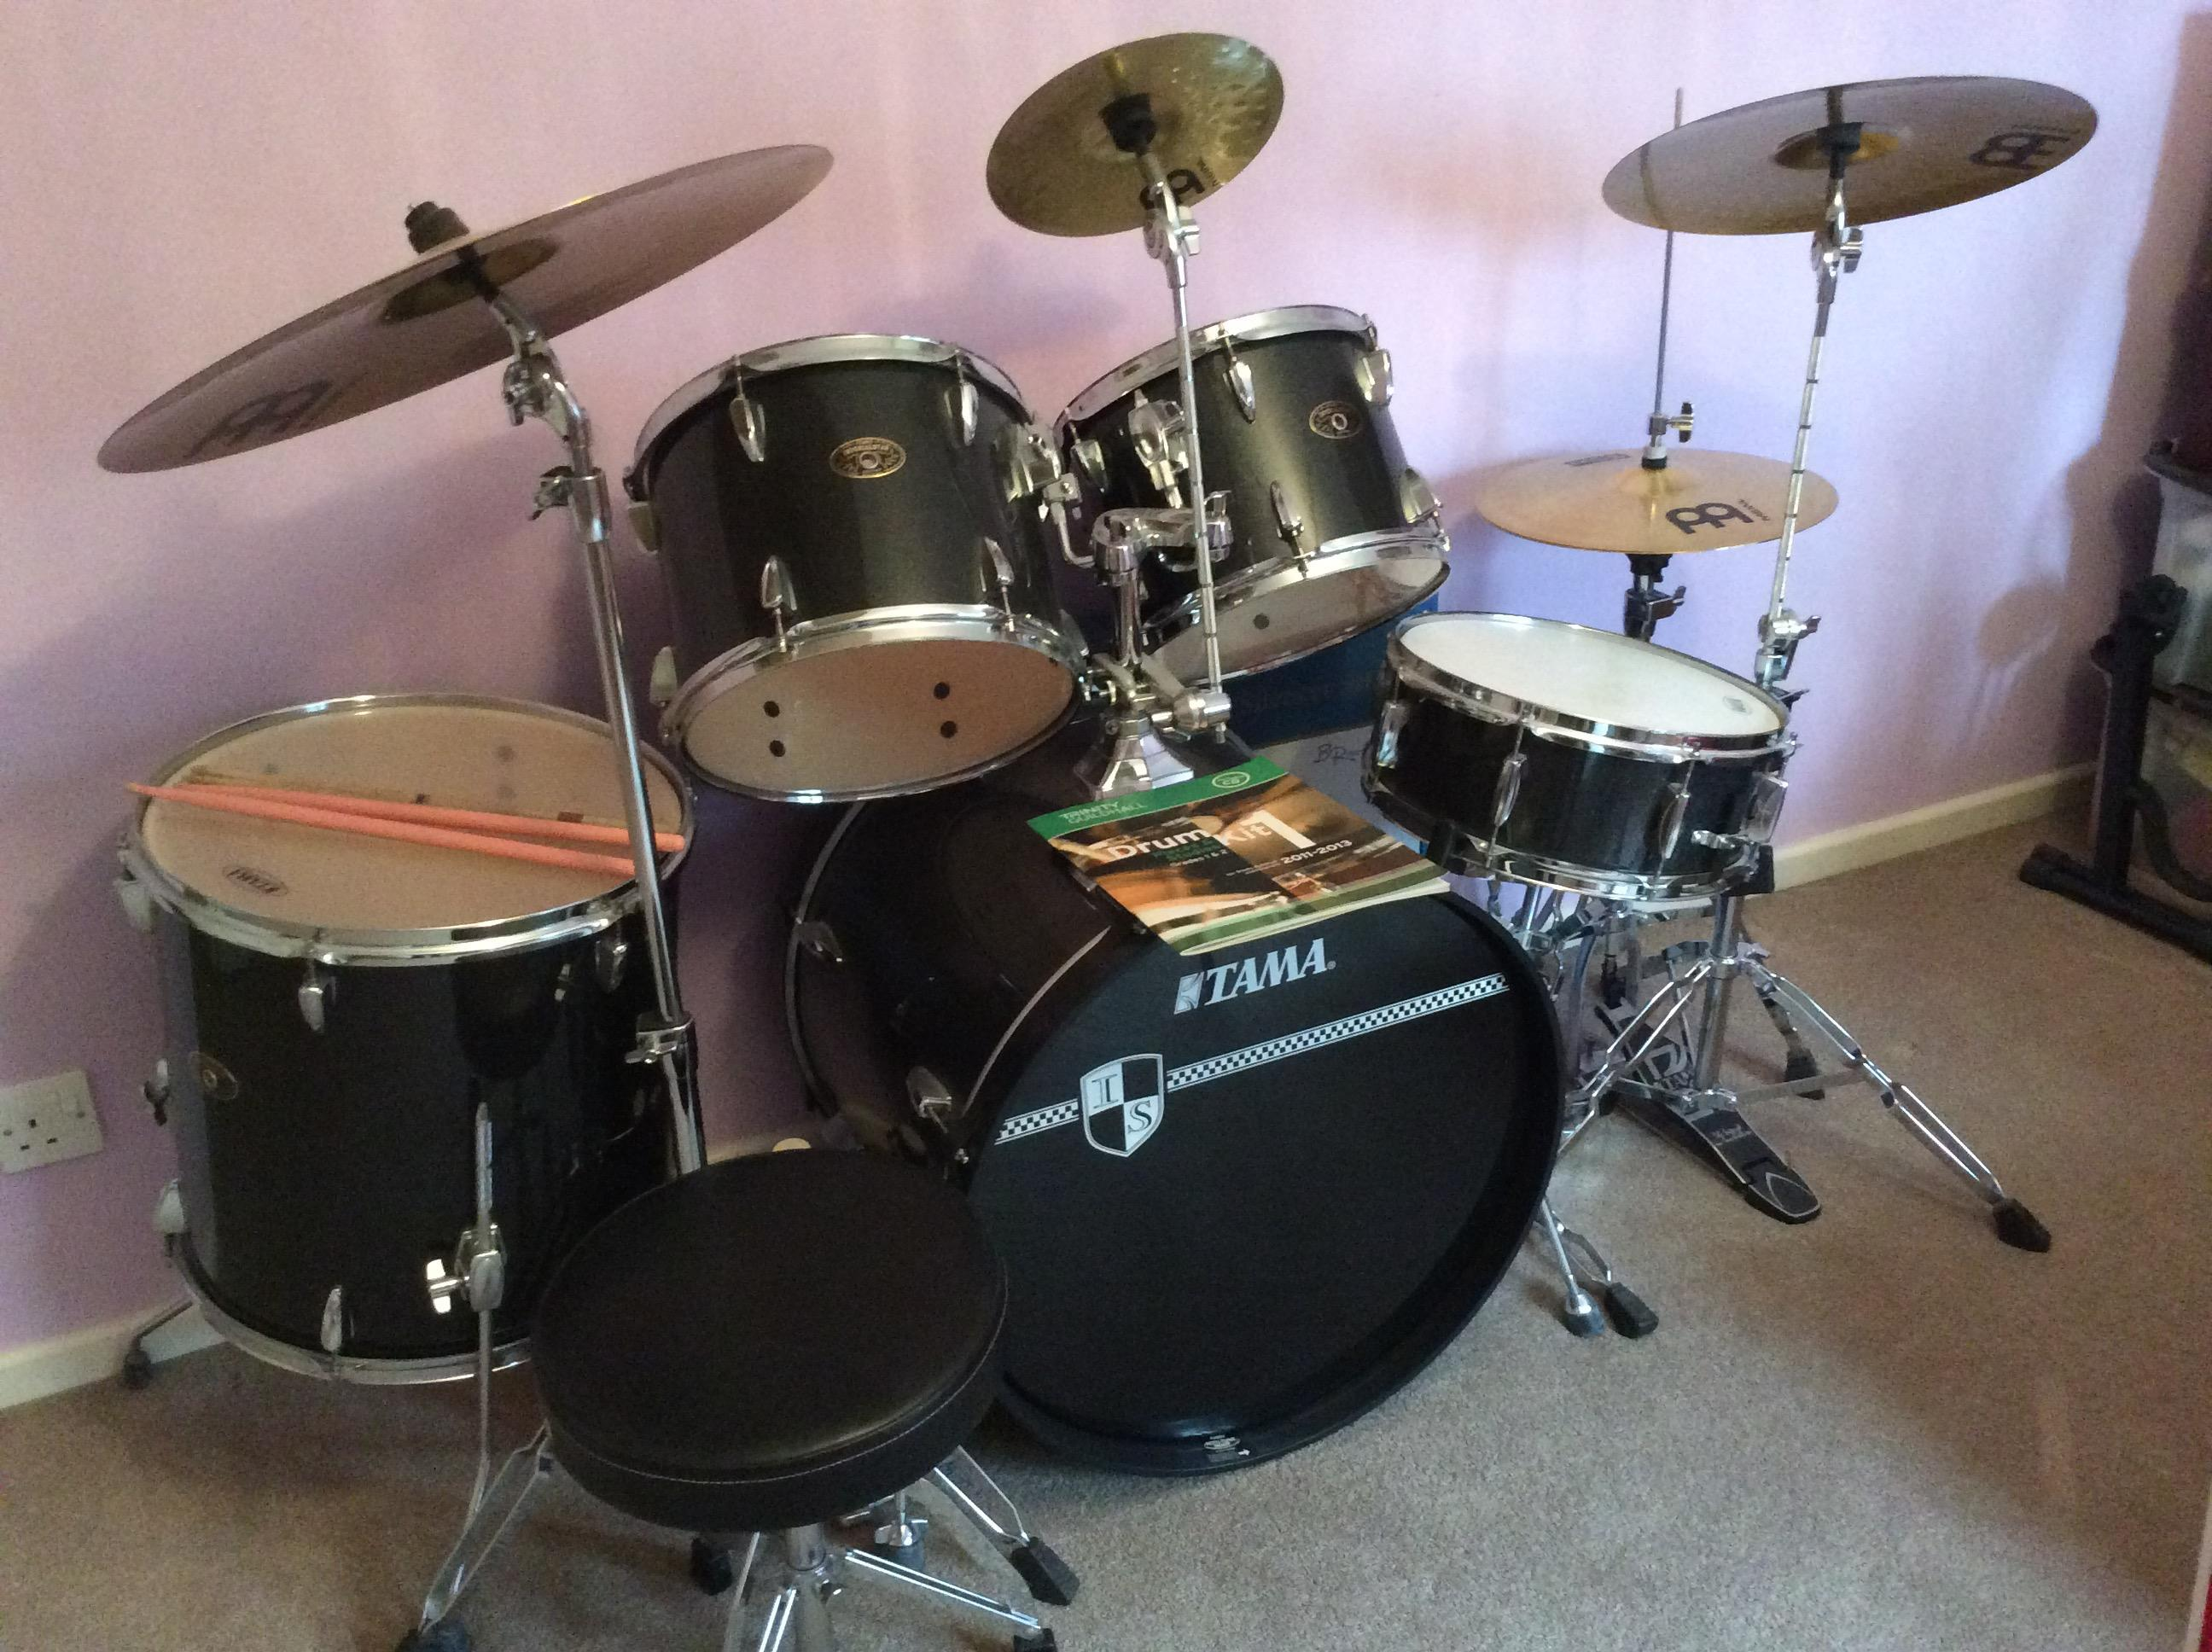 TAMA Imperial Star full drumkit